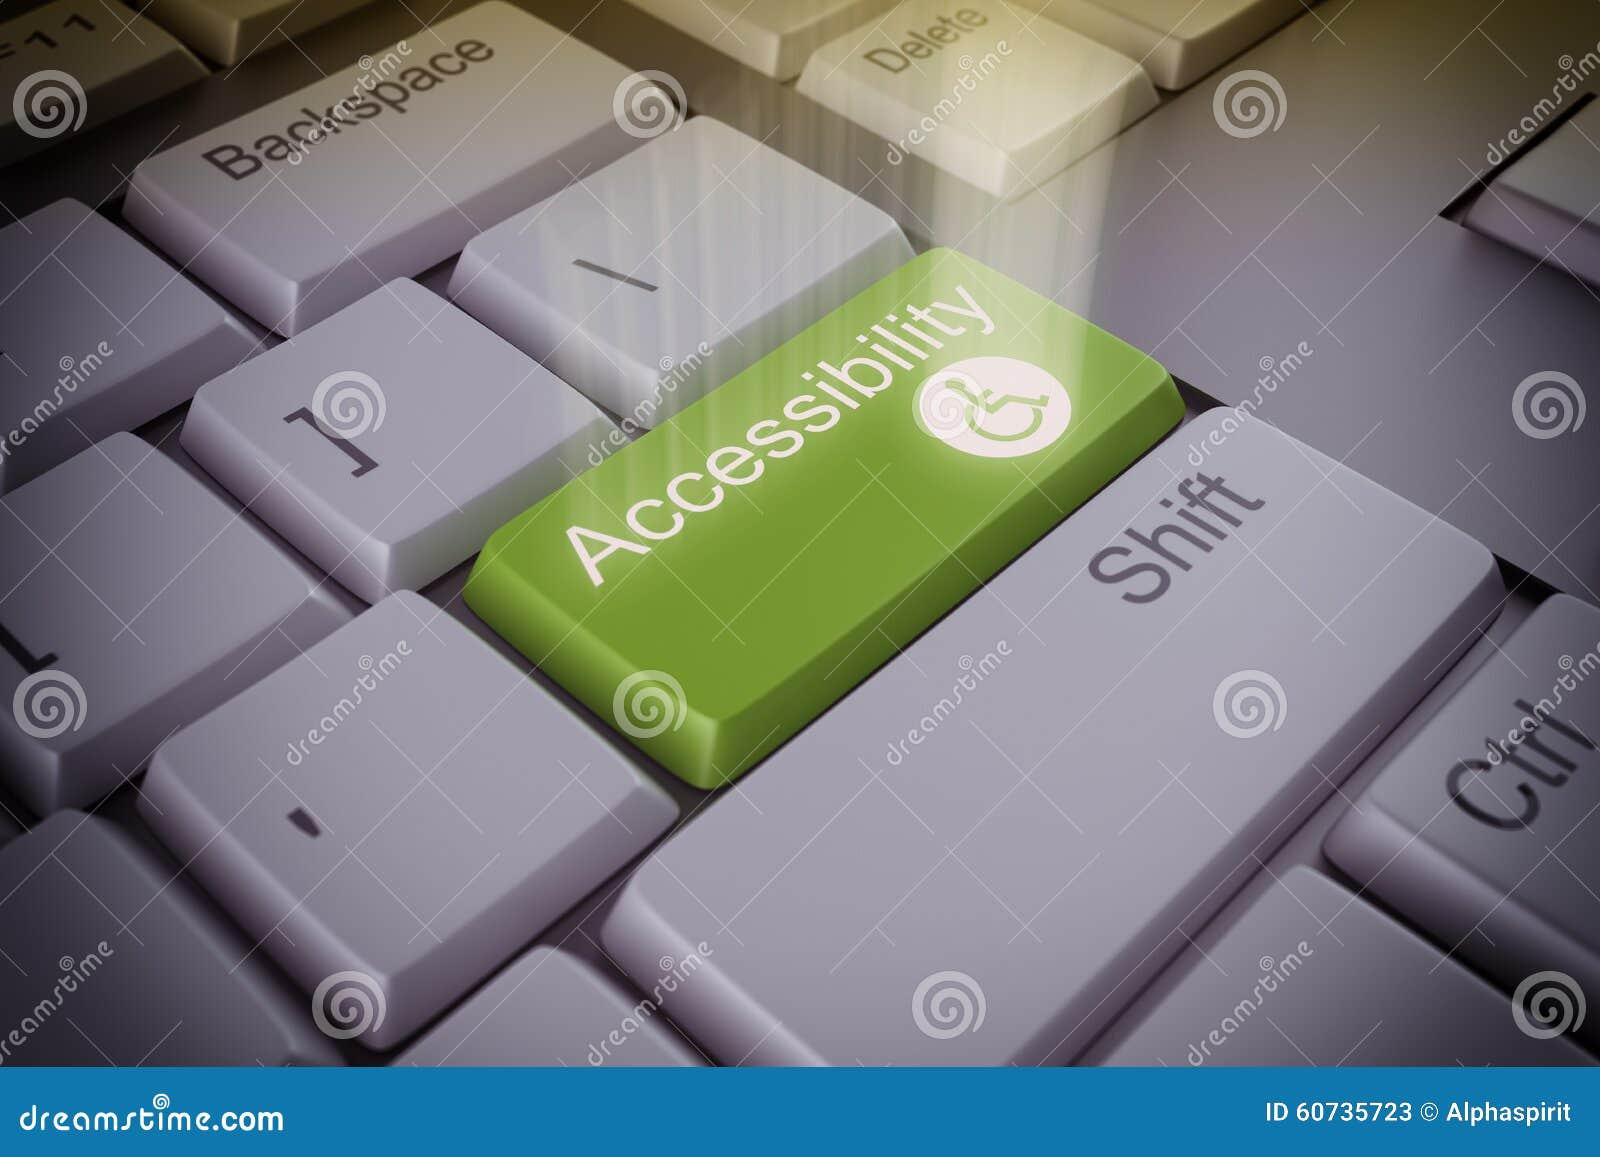 Dostępność klucz